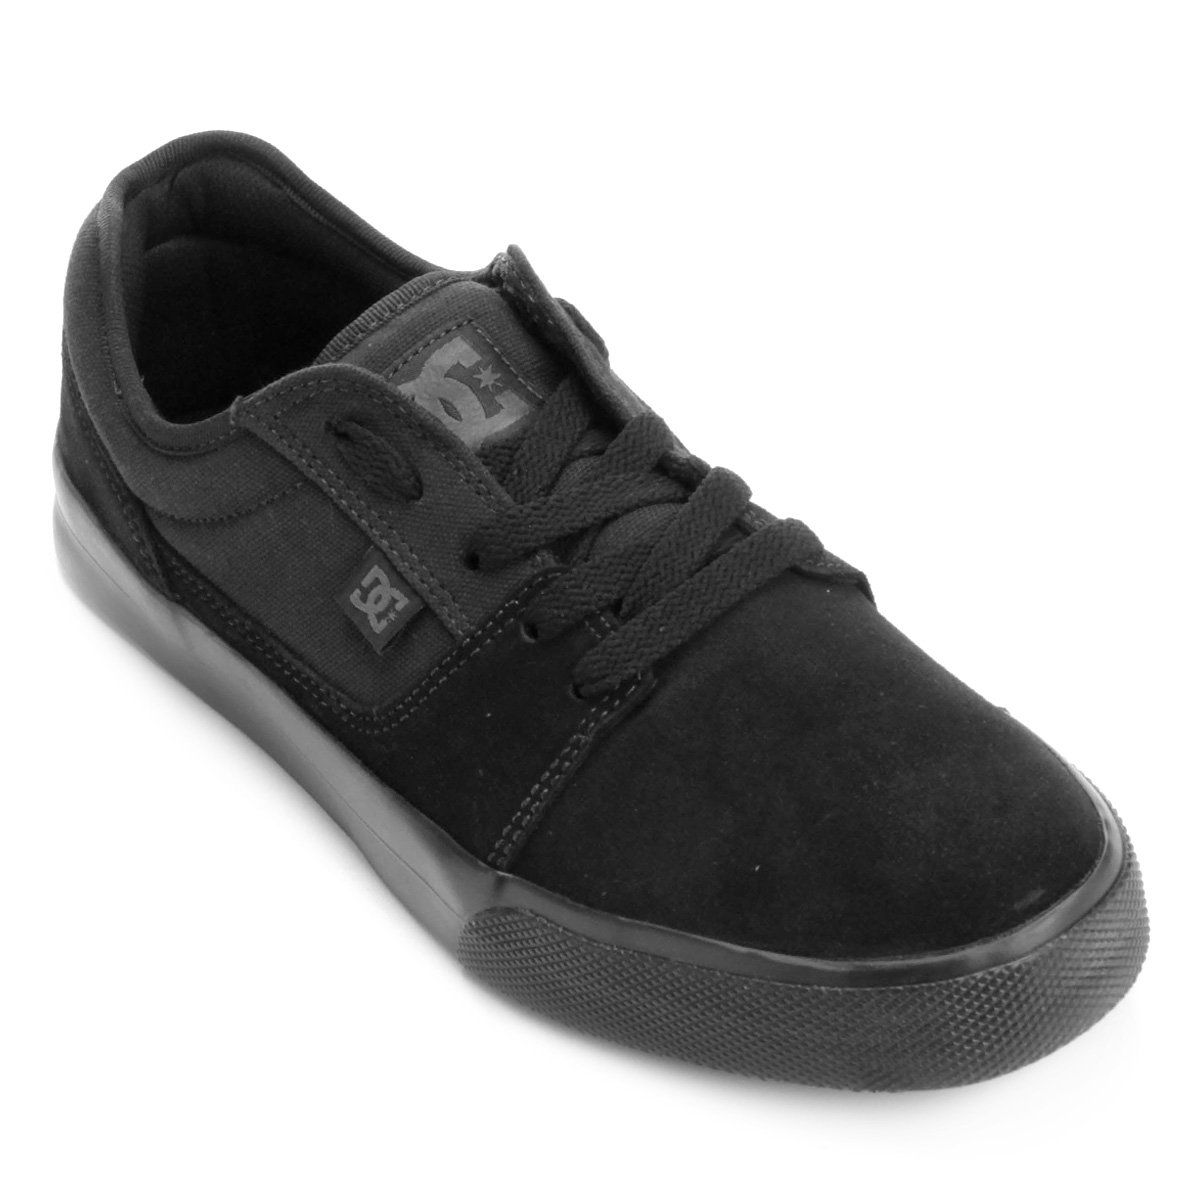 Tênis Dc Tênis Masculino Shoes Tênis Masculino Dc Preto Shoes Tonik Preto Tonik Dc rqwttMxY0A